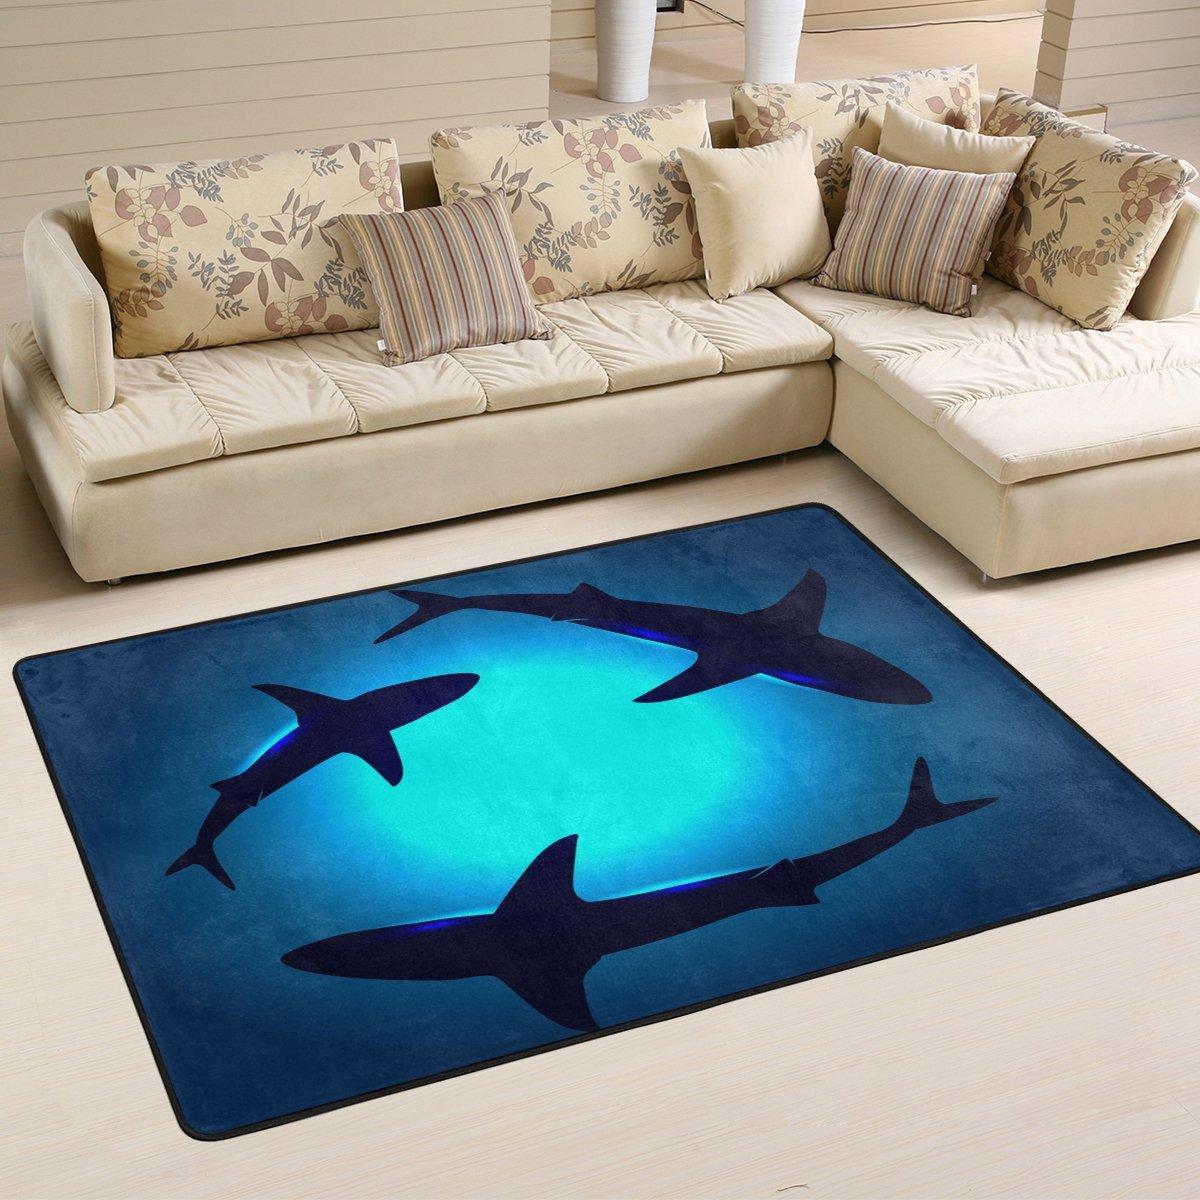 Naanle Ocean Animal Sharks Non Slip Area Rug for Living Dinning Room Bedroom Kitchen, 4 x 6 48 x 72 Inches , Shark Nursery Rug Floor Carpet Yoga Mat